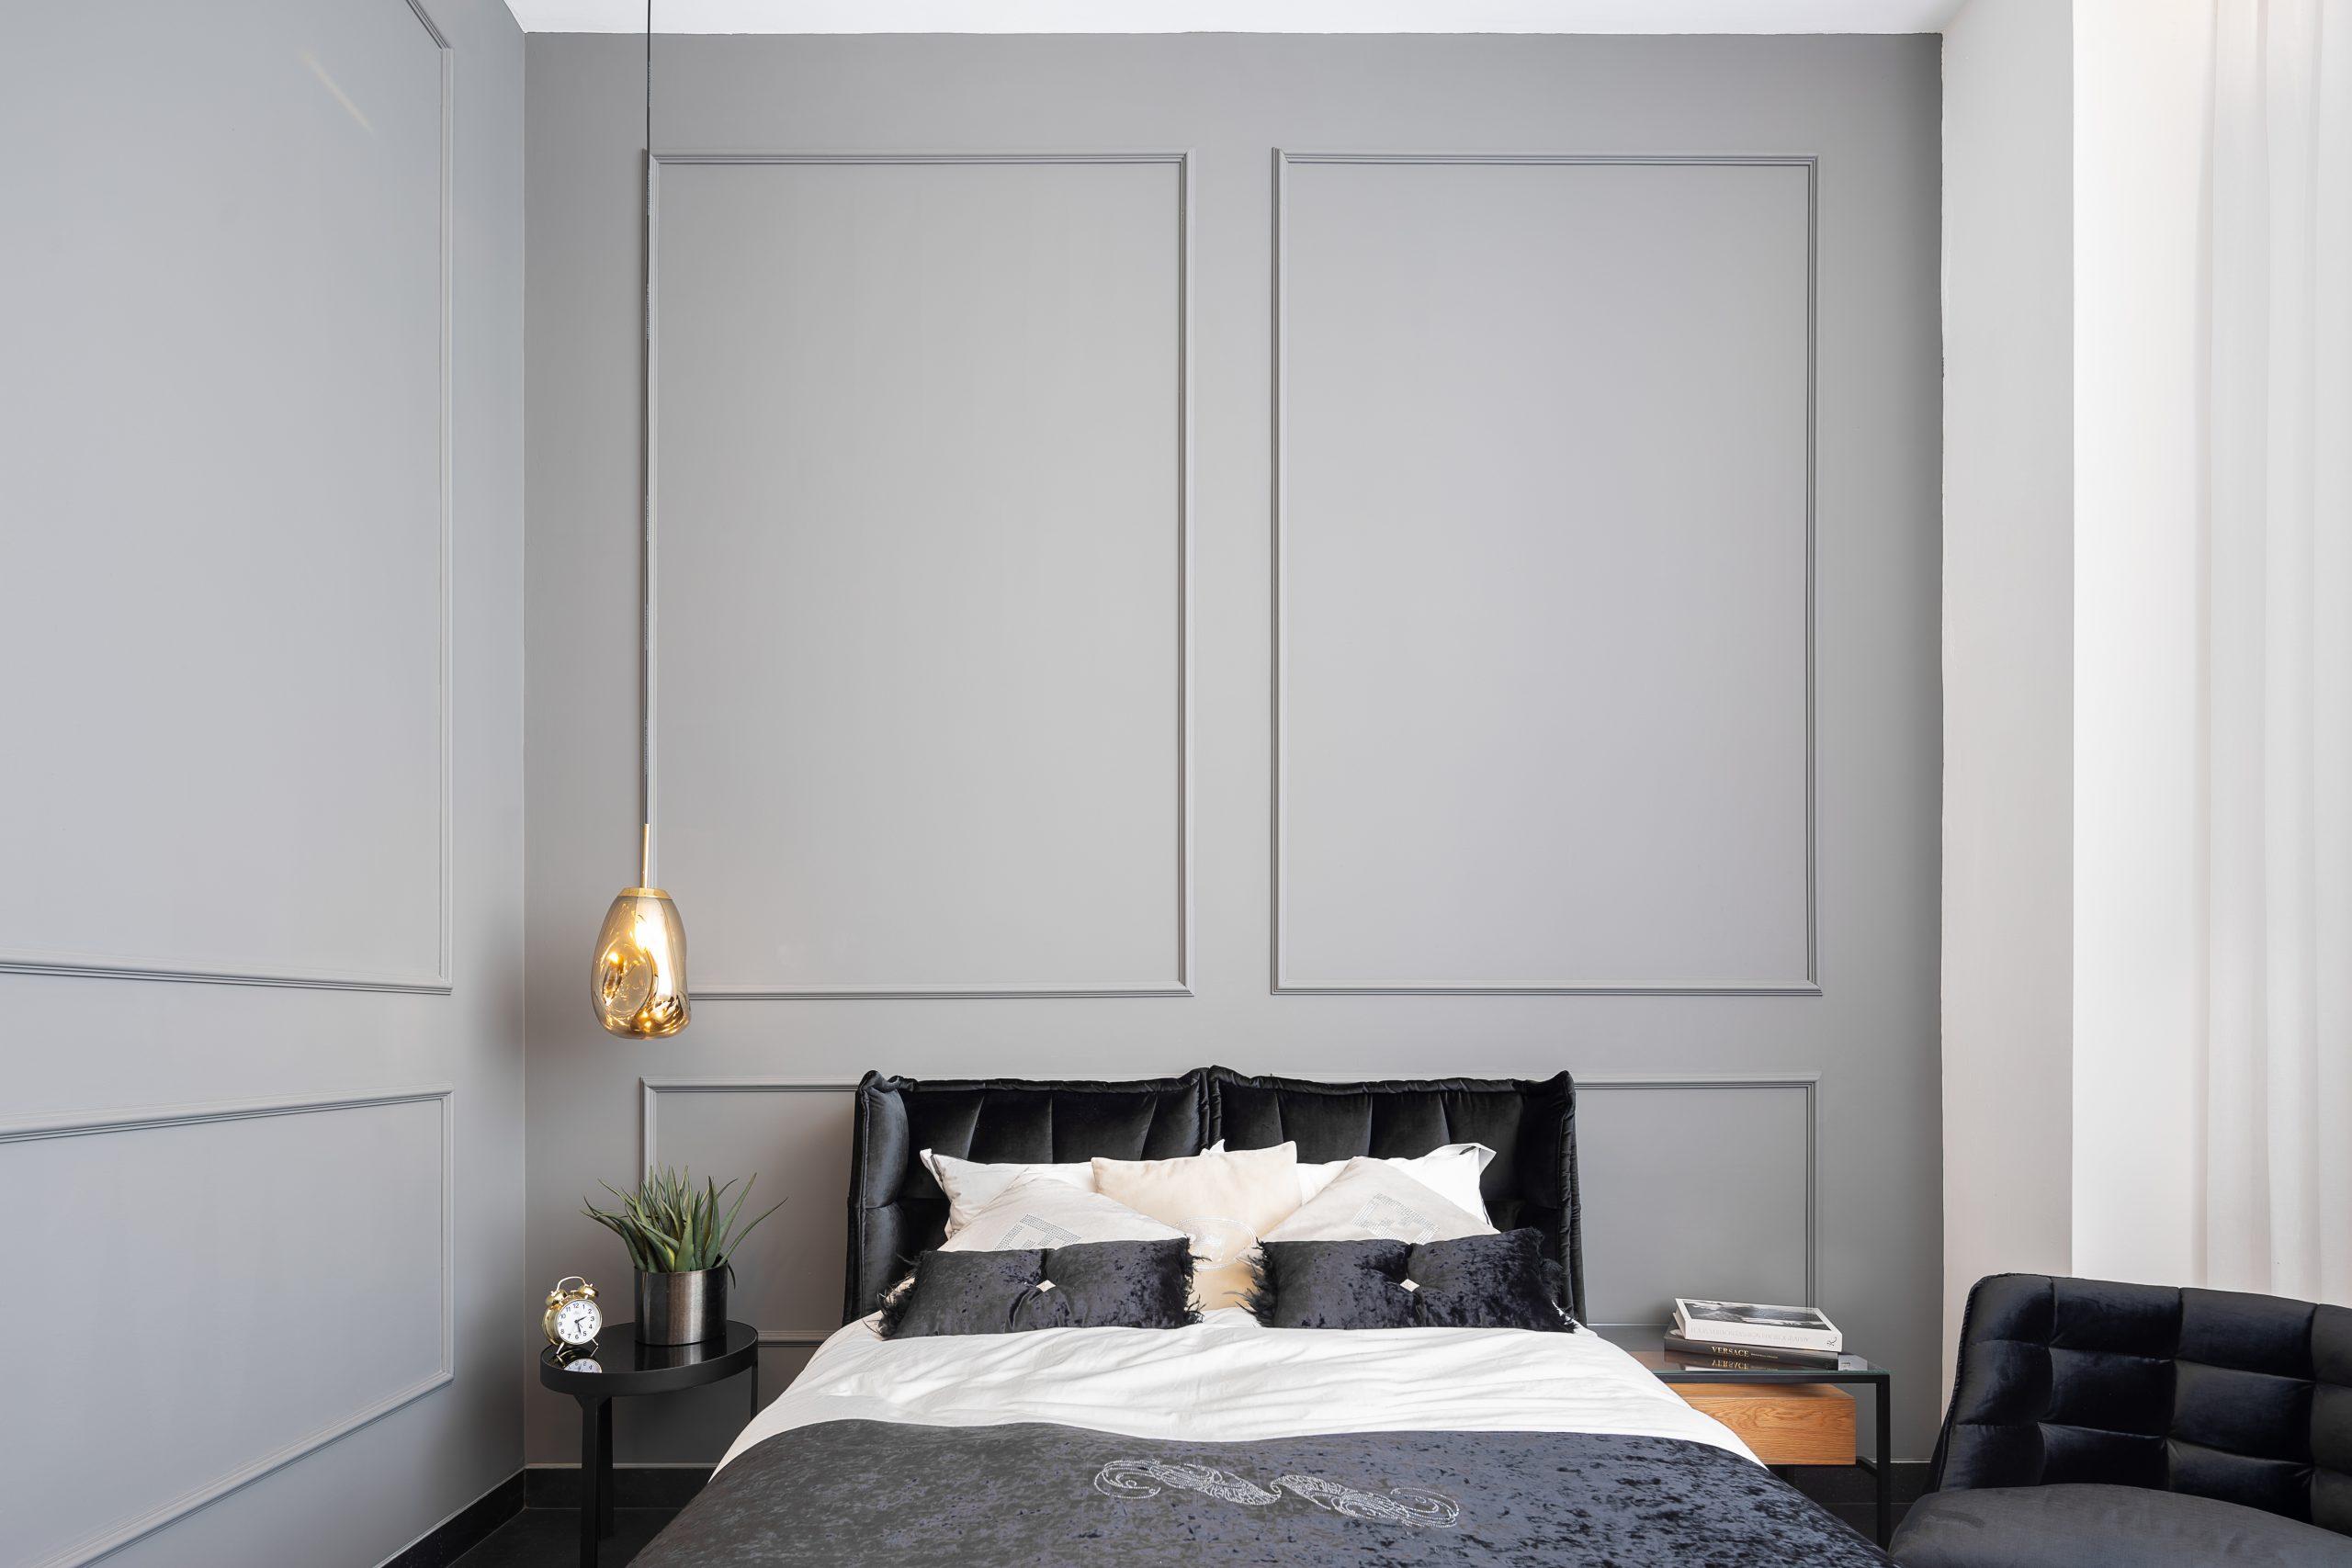 עיצוב קלאסי לחדר שינה